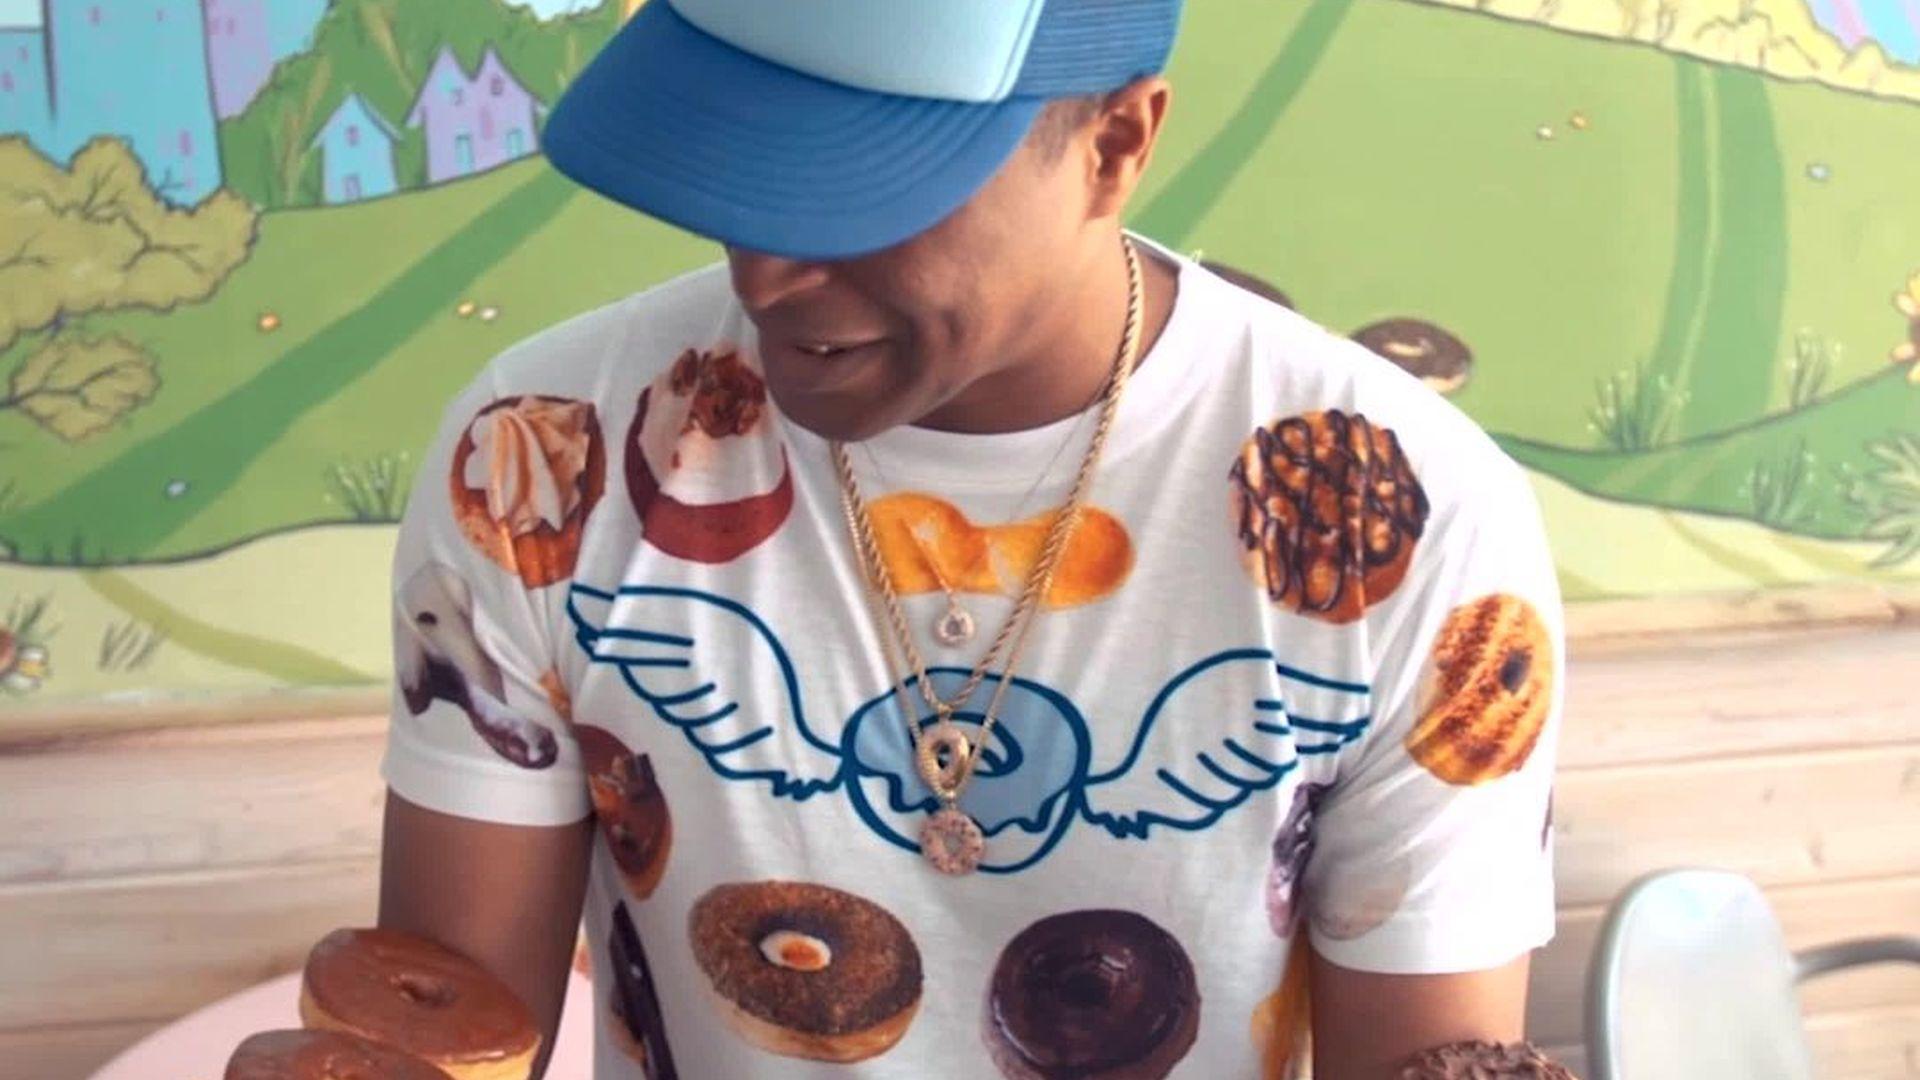 Sublime Doughnuts Remix: Jo Johnson